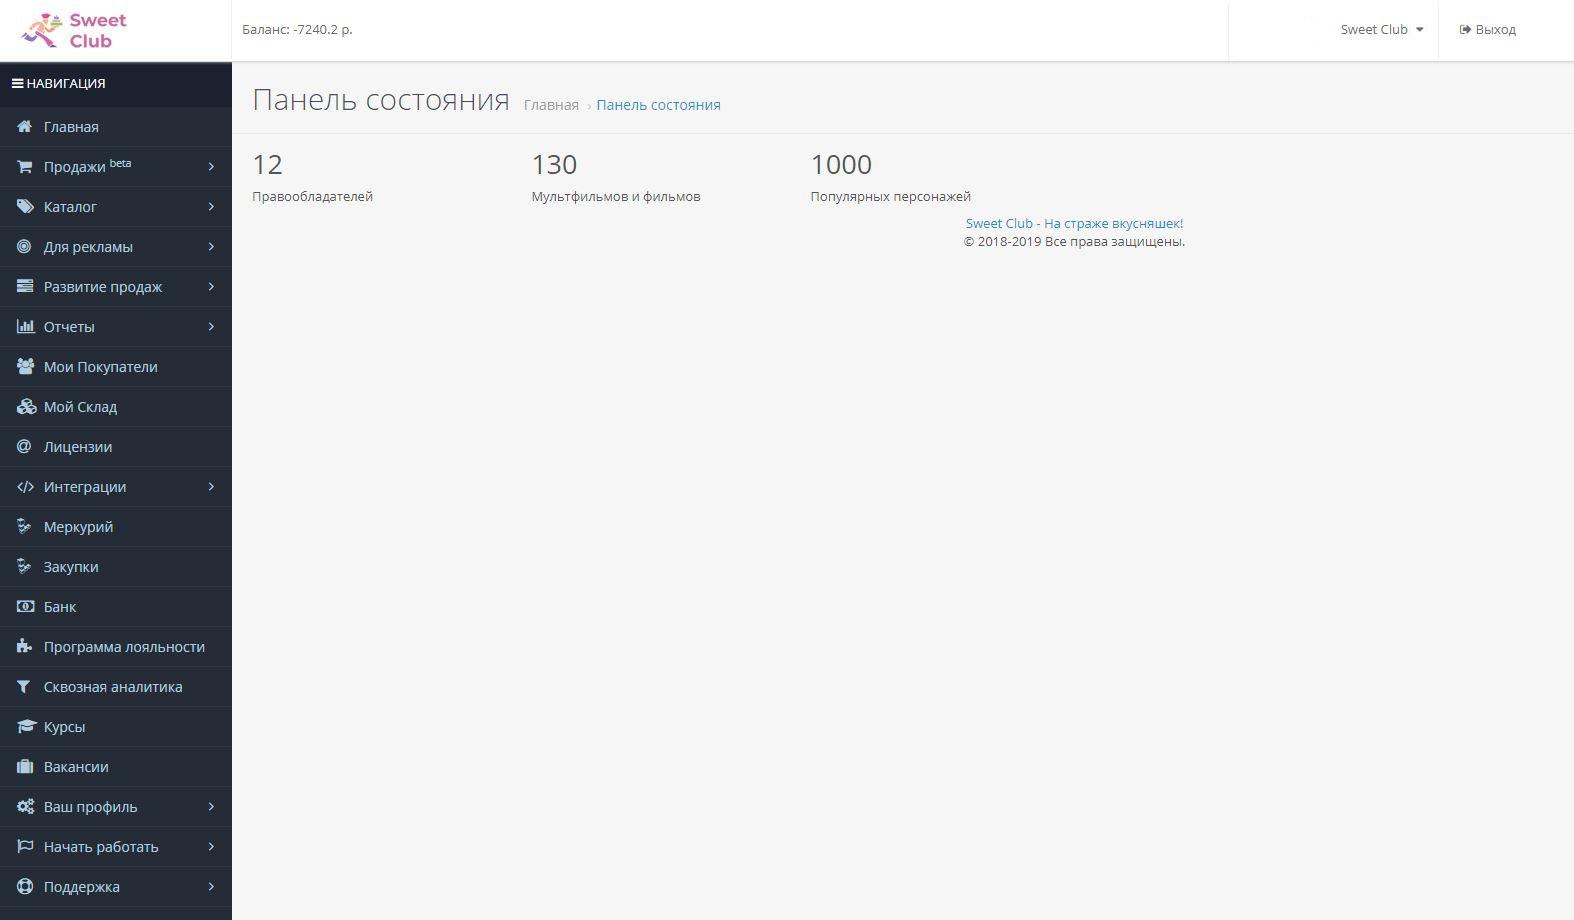 Так выглядит стартовая страница личного кабинета кондитерской на сайте платформы